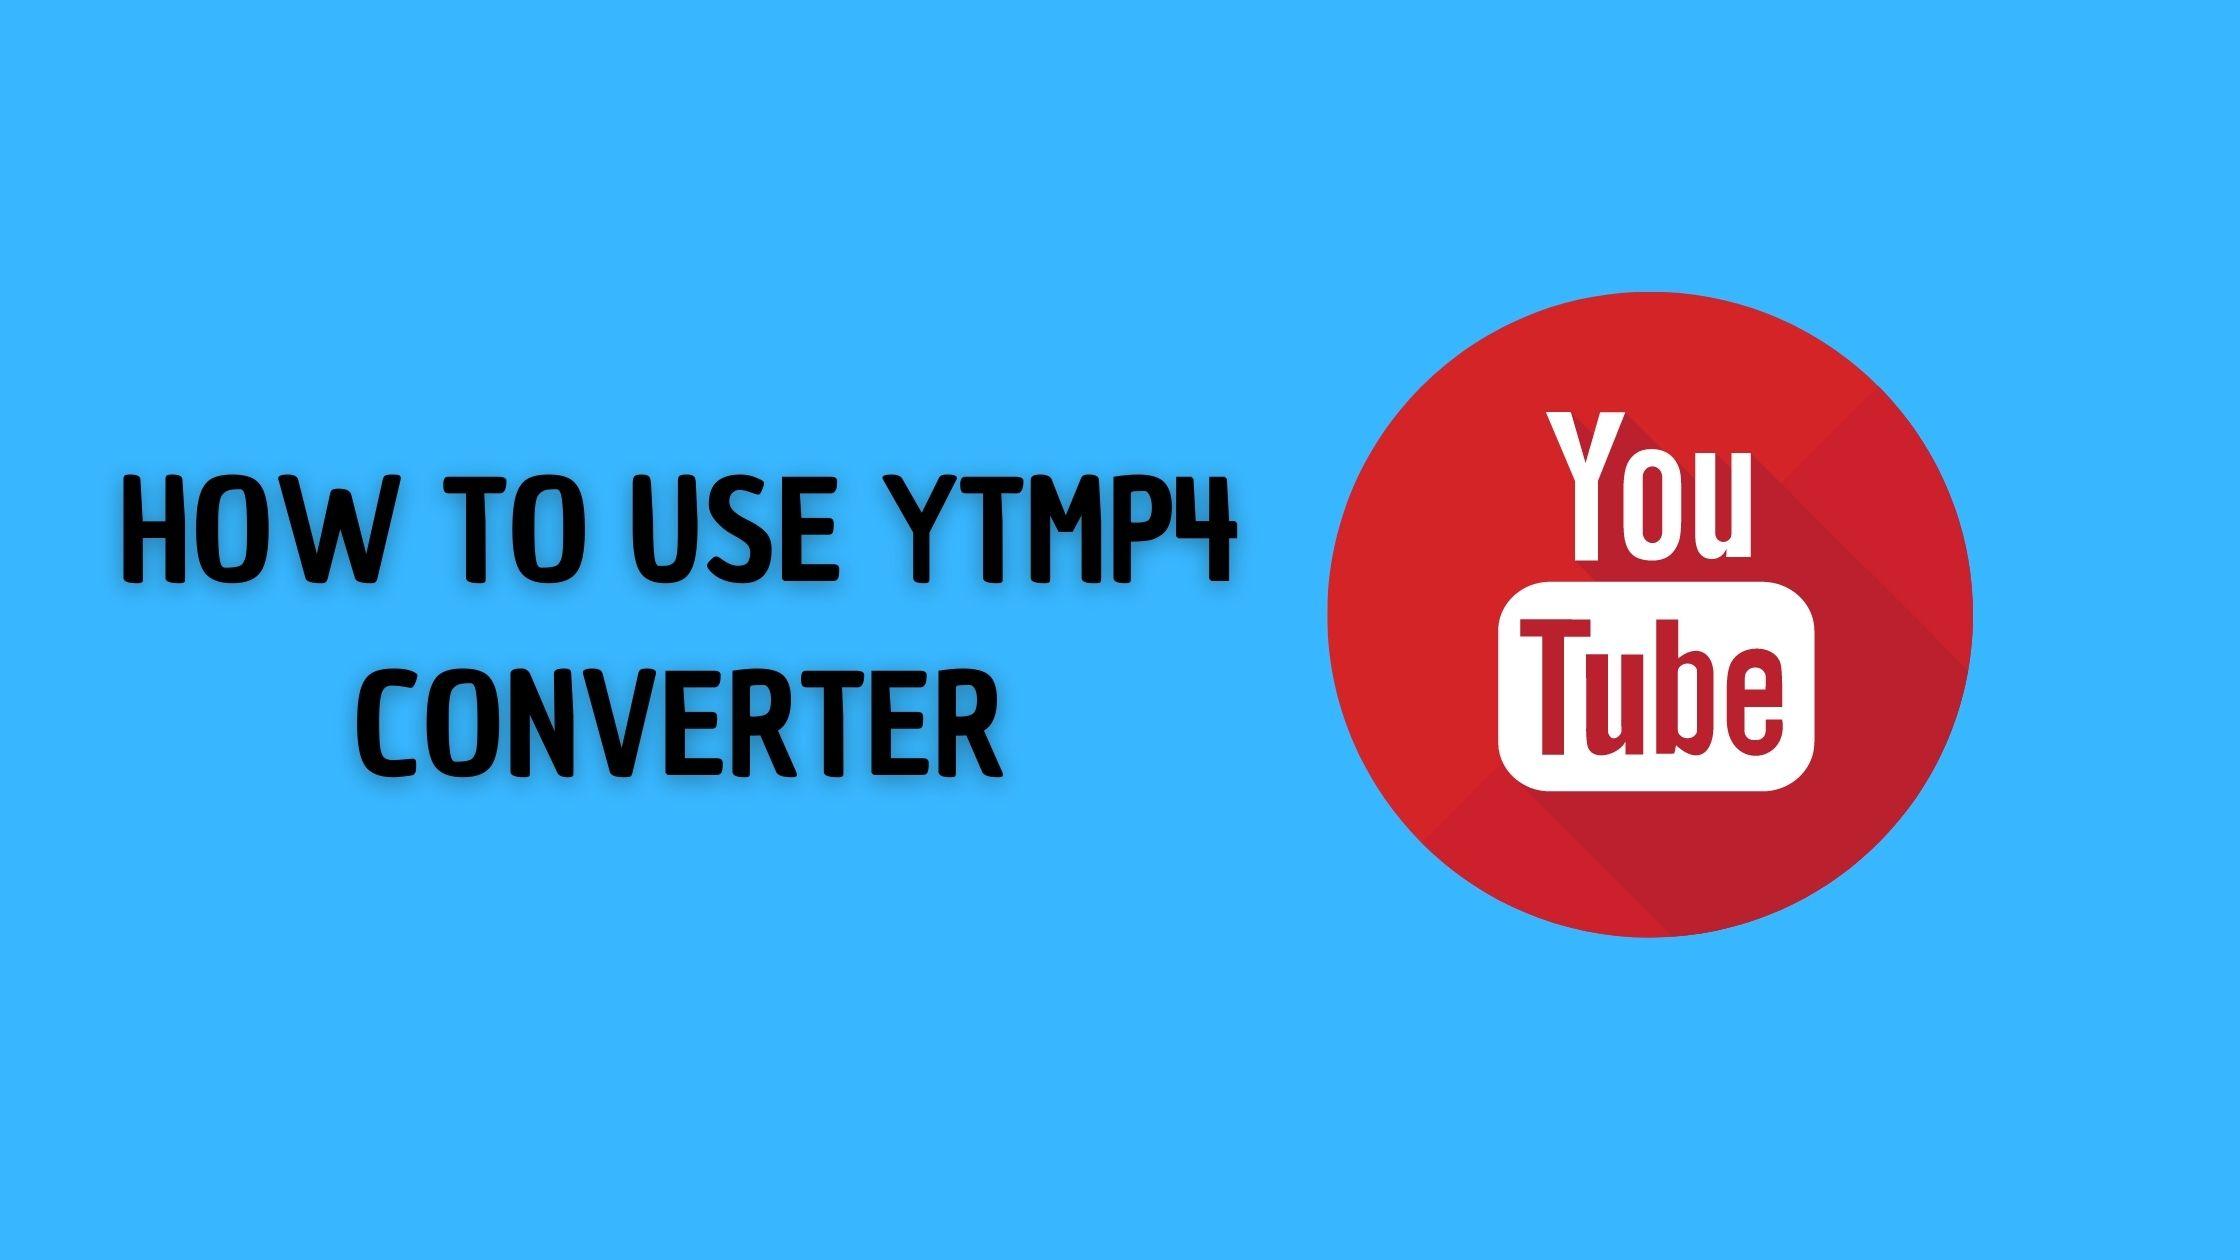 Ytmp4